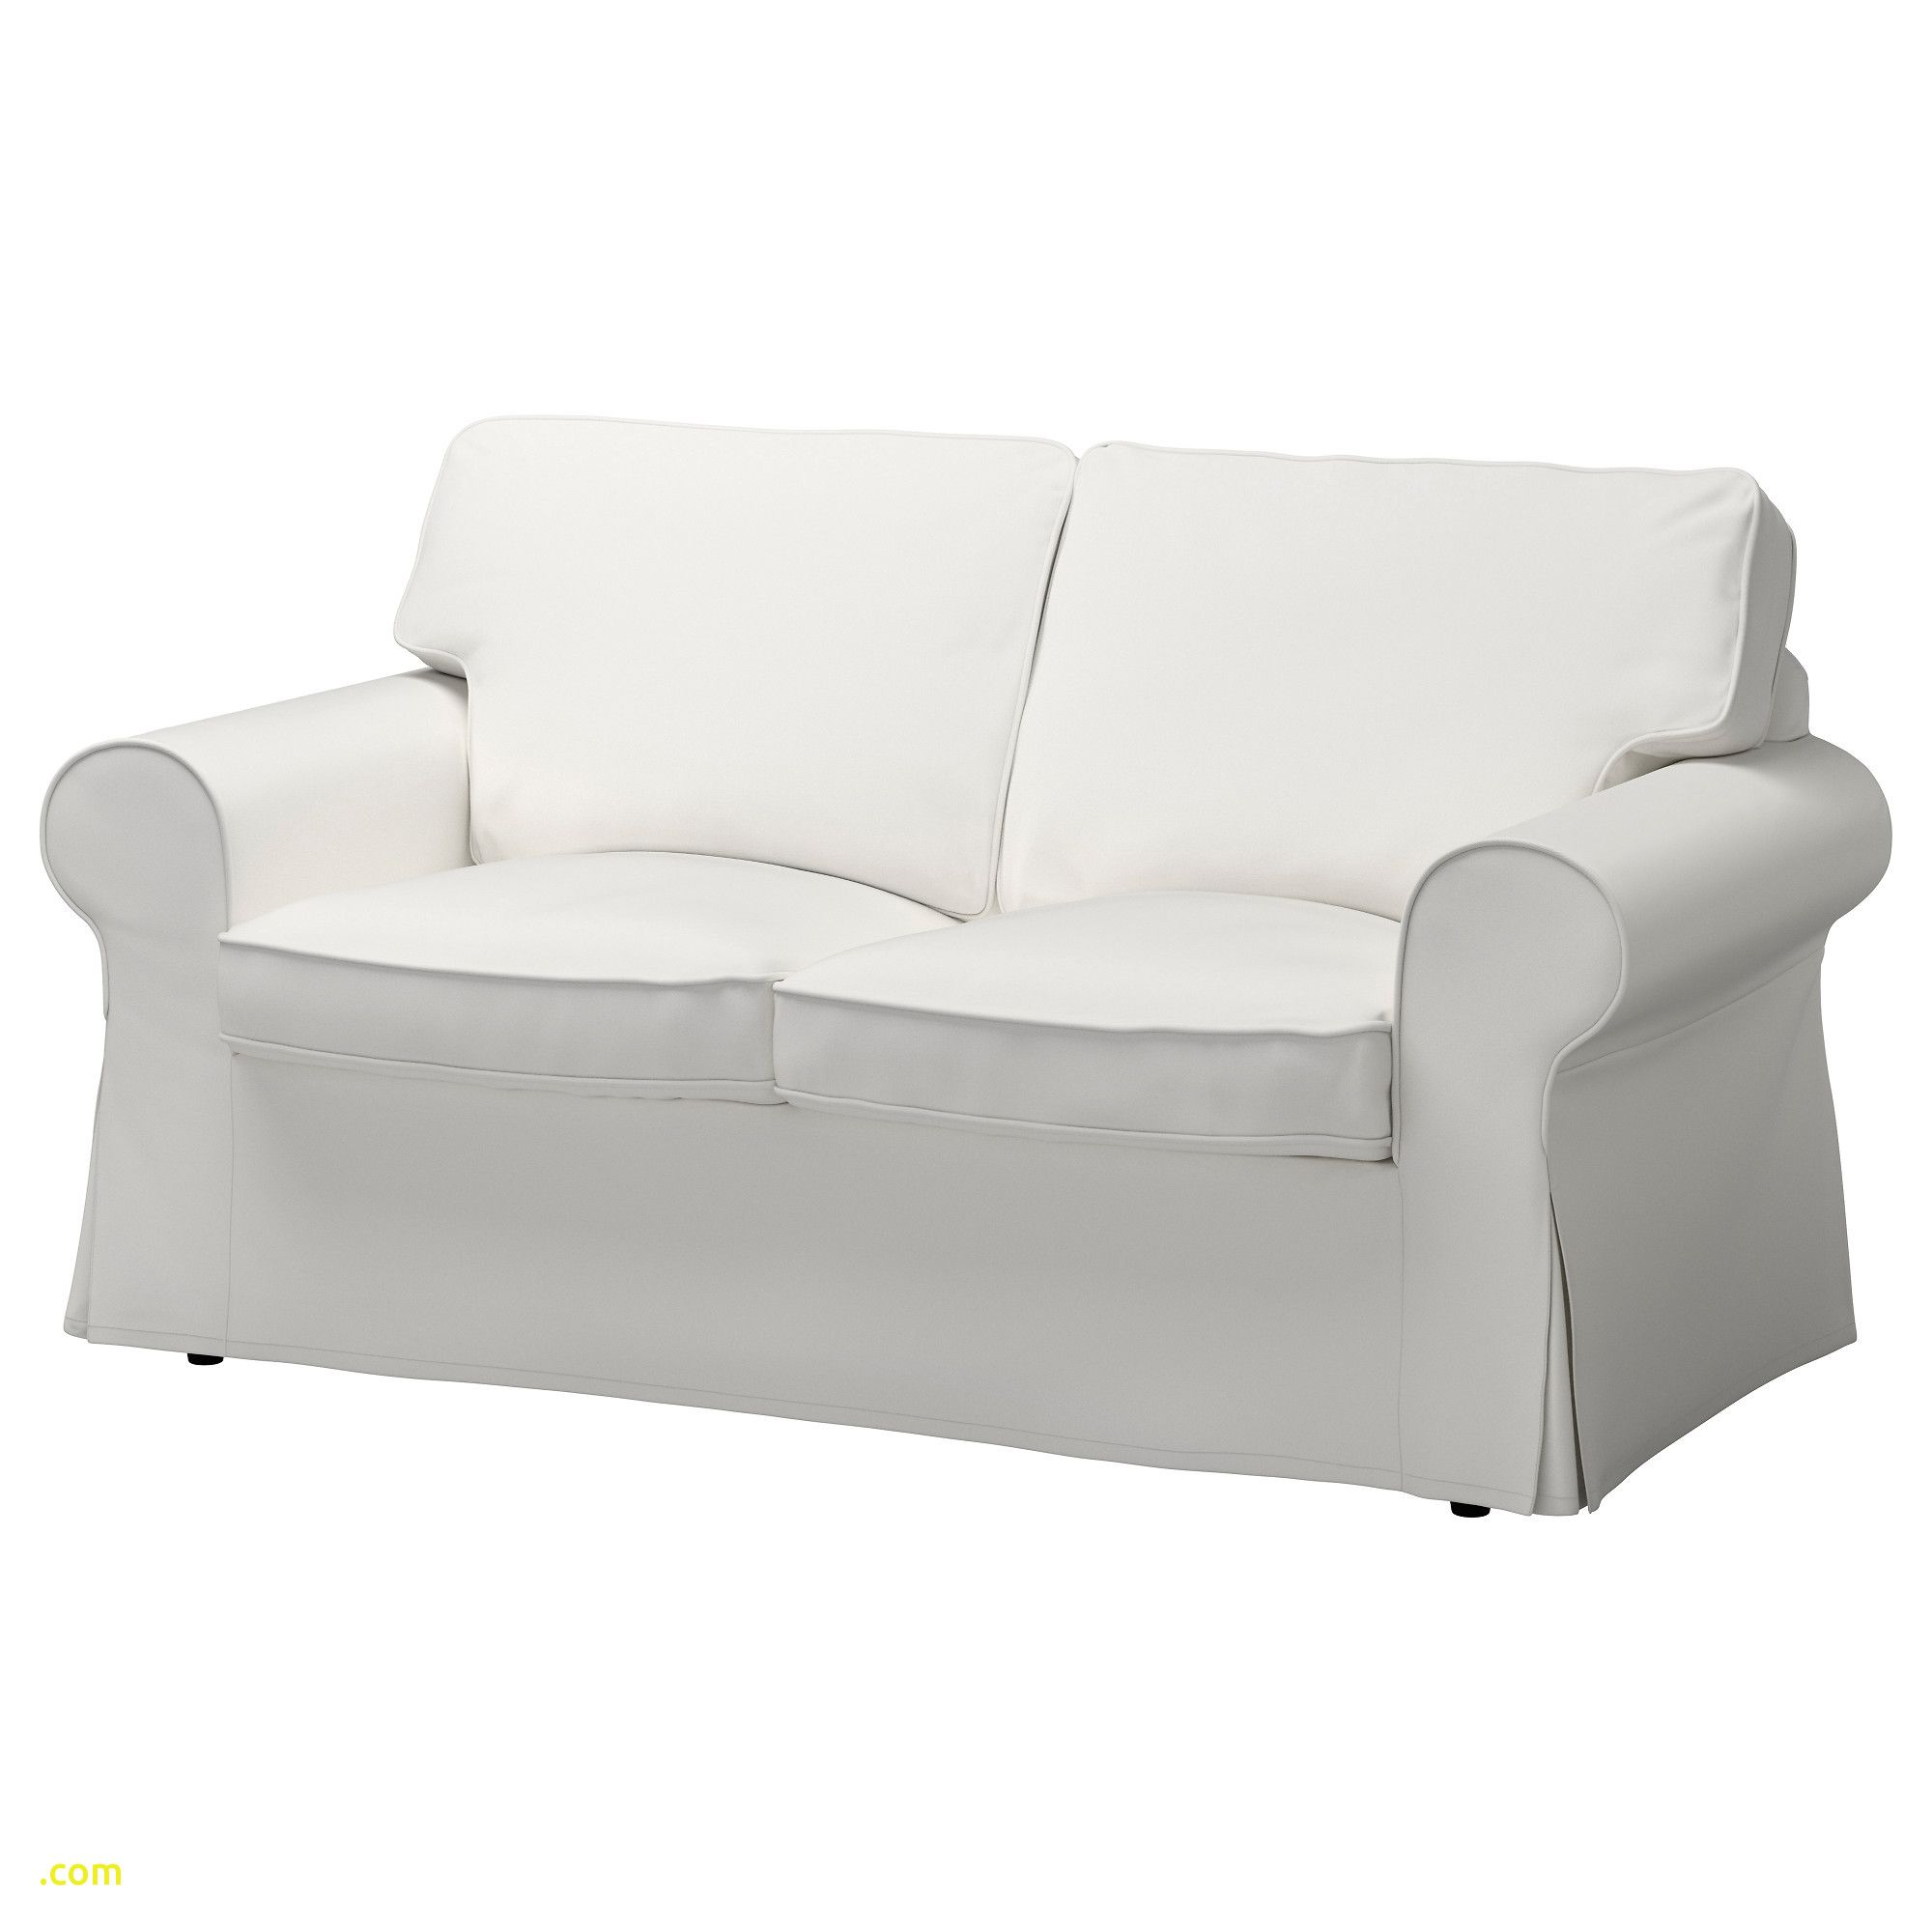 Twin Sofa Bett Stuhl Queen Sleeper Sofa Matratze